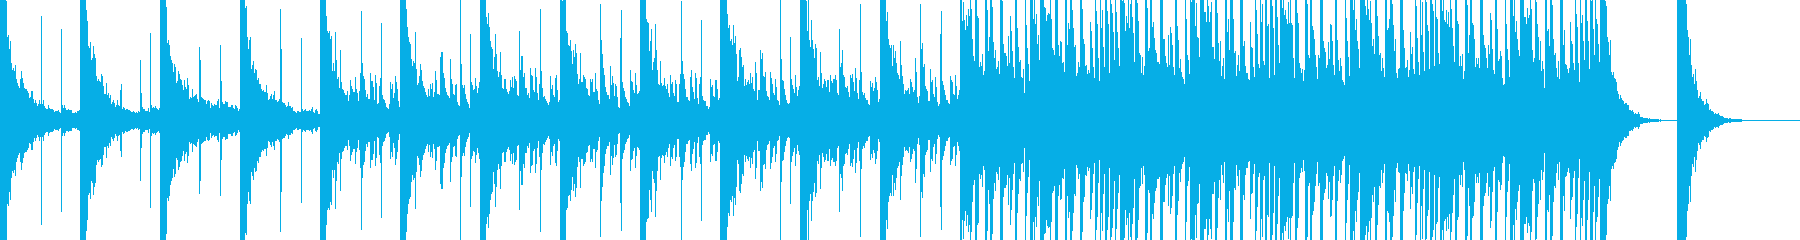 和風/ダーク/ホラー/不気味/和太鼓/の再生済みの波形